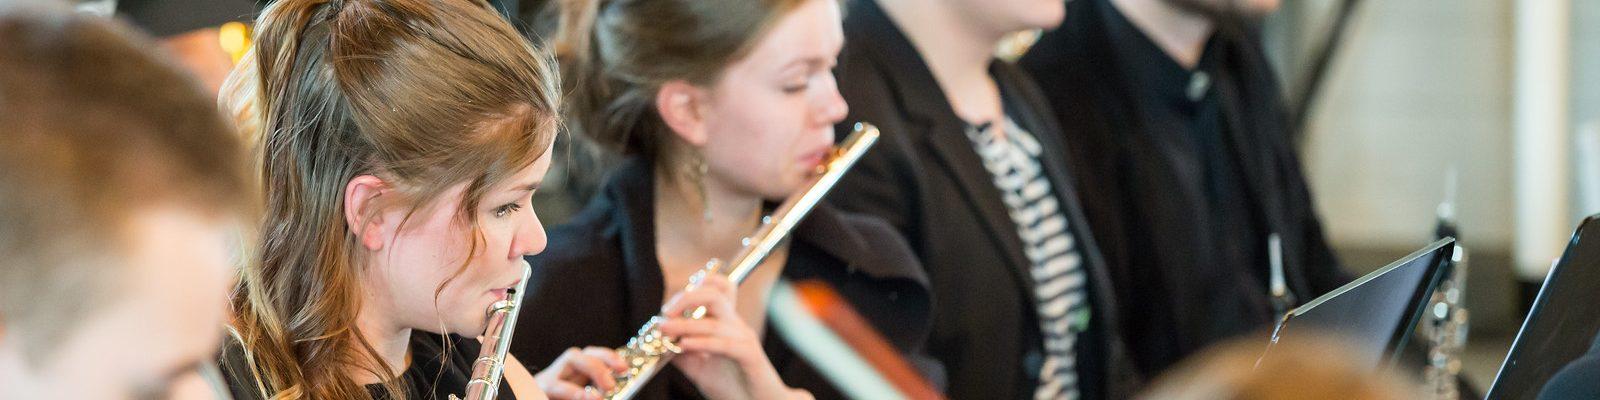 Vivolaisista yli kaksi kolmesta päätyy musiikin ammattilaisiksi